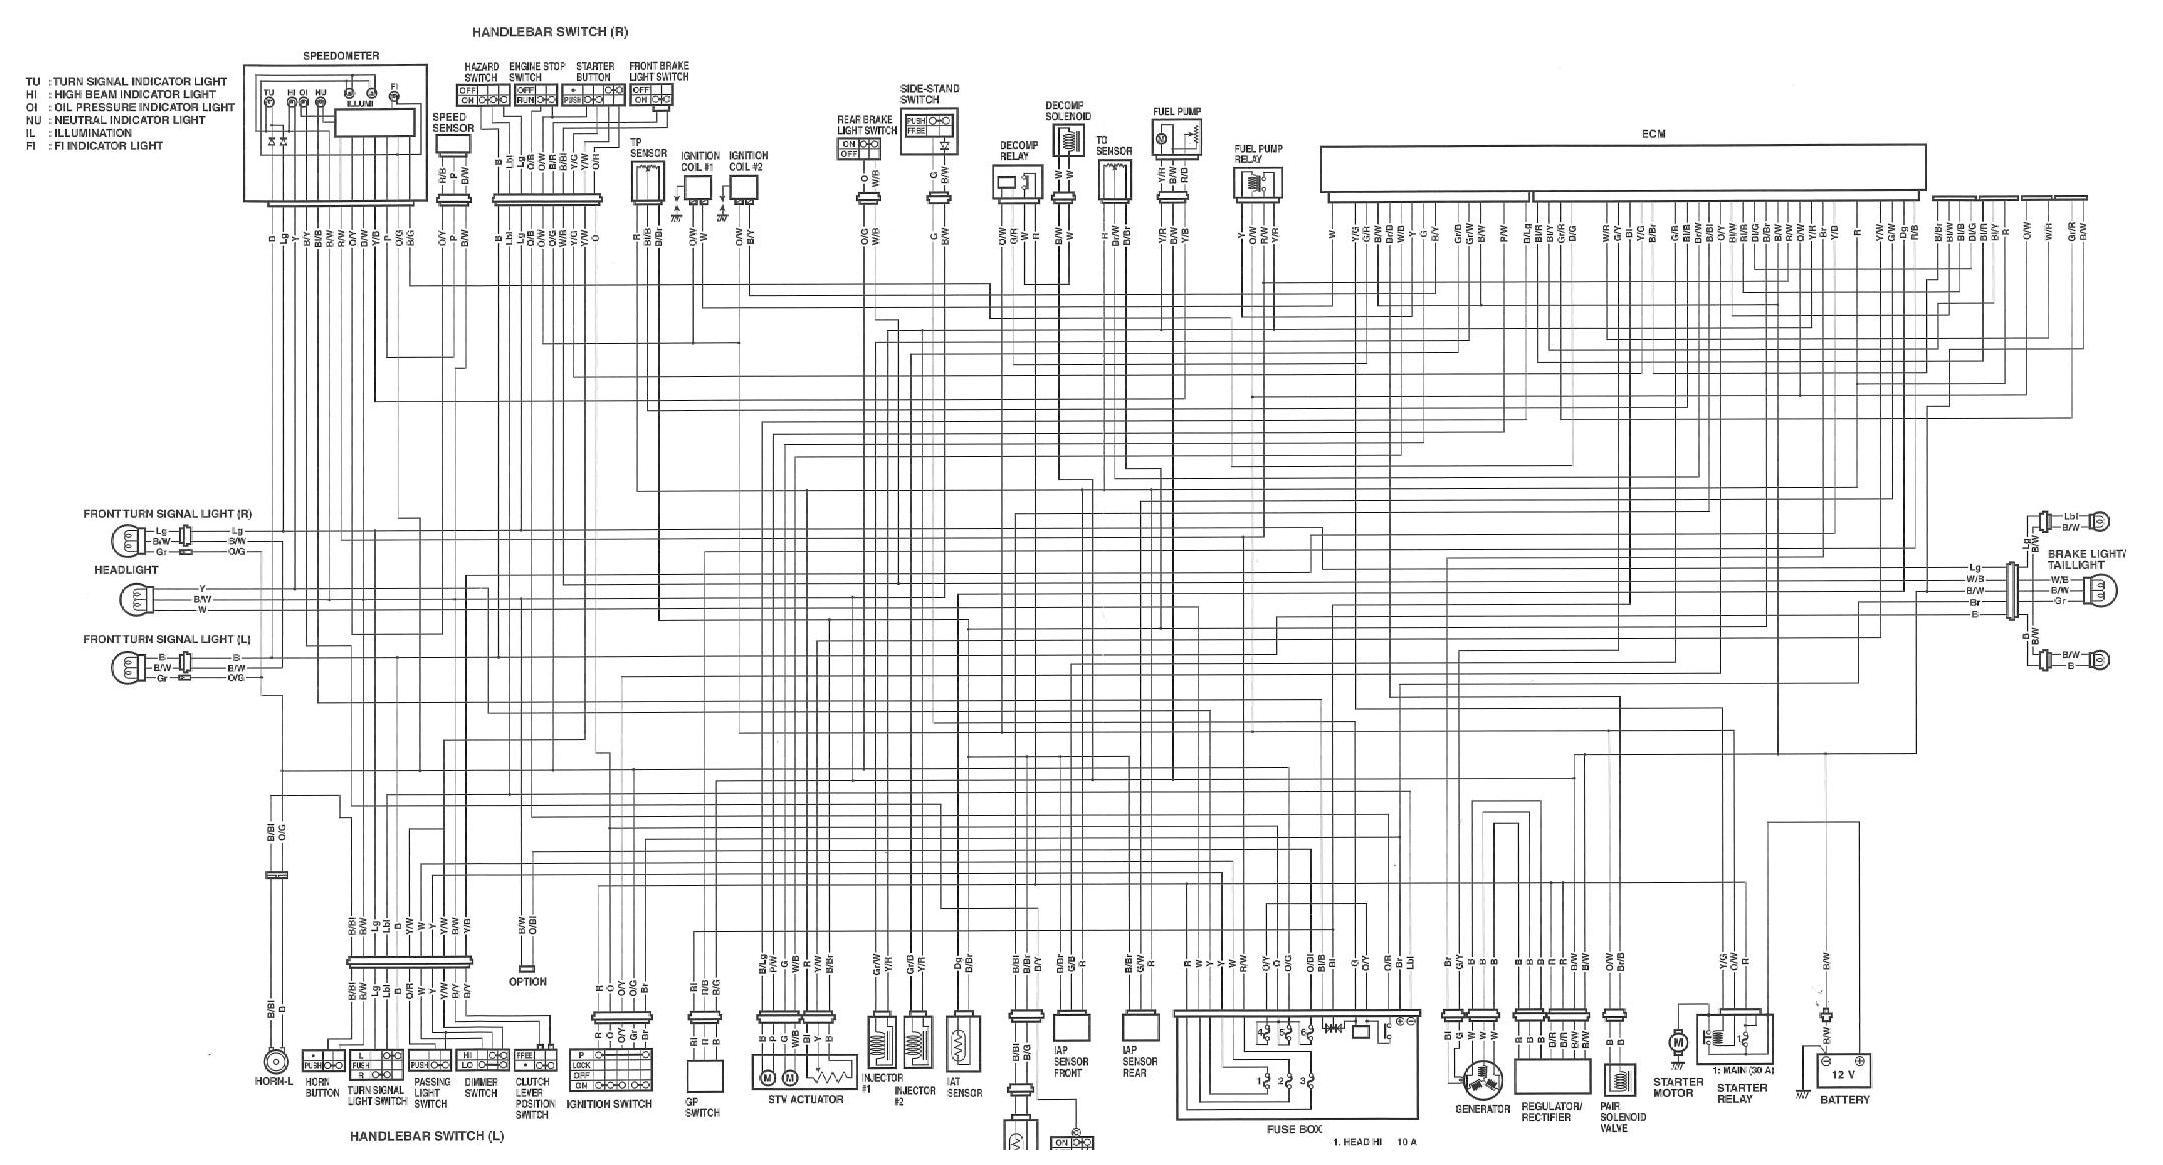 suzuki c90 wiring diagram wiring diagram schema blog Yamaha Ignition Diagram suzuki raider 115 fi wiring diagram basic electronics wiring diagram suzuki boulevard c90 wiring diagram suzuki c90 wiring diagram